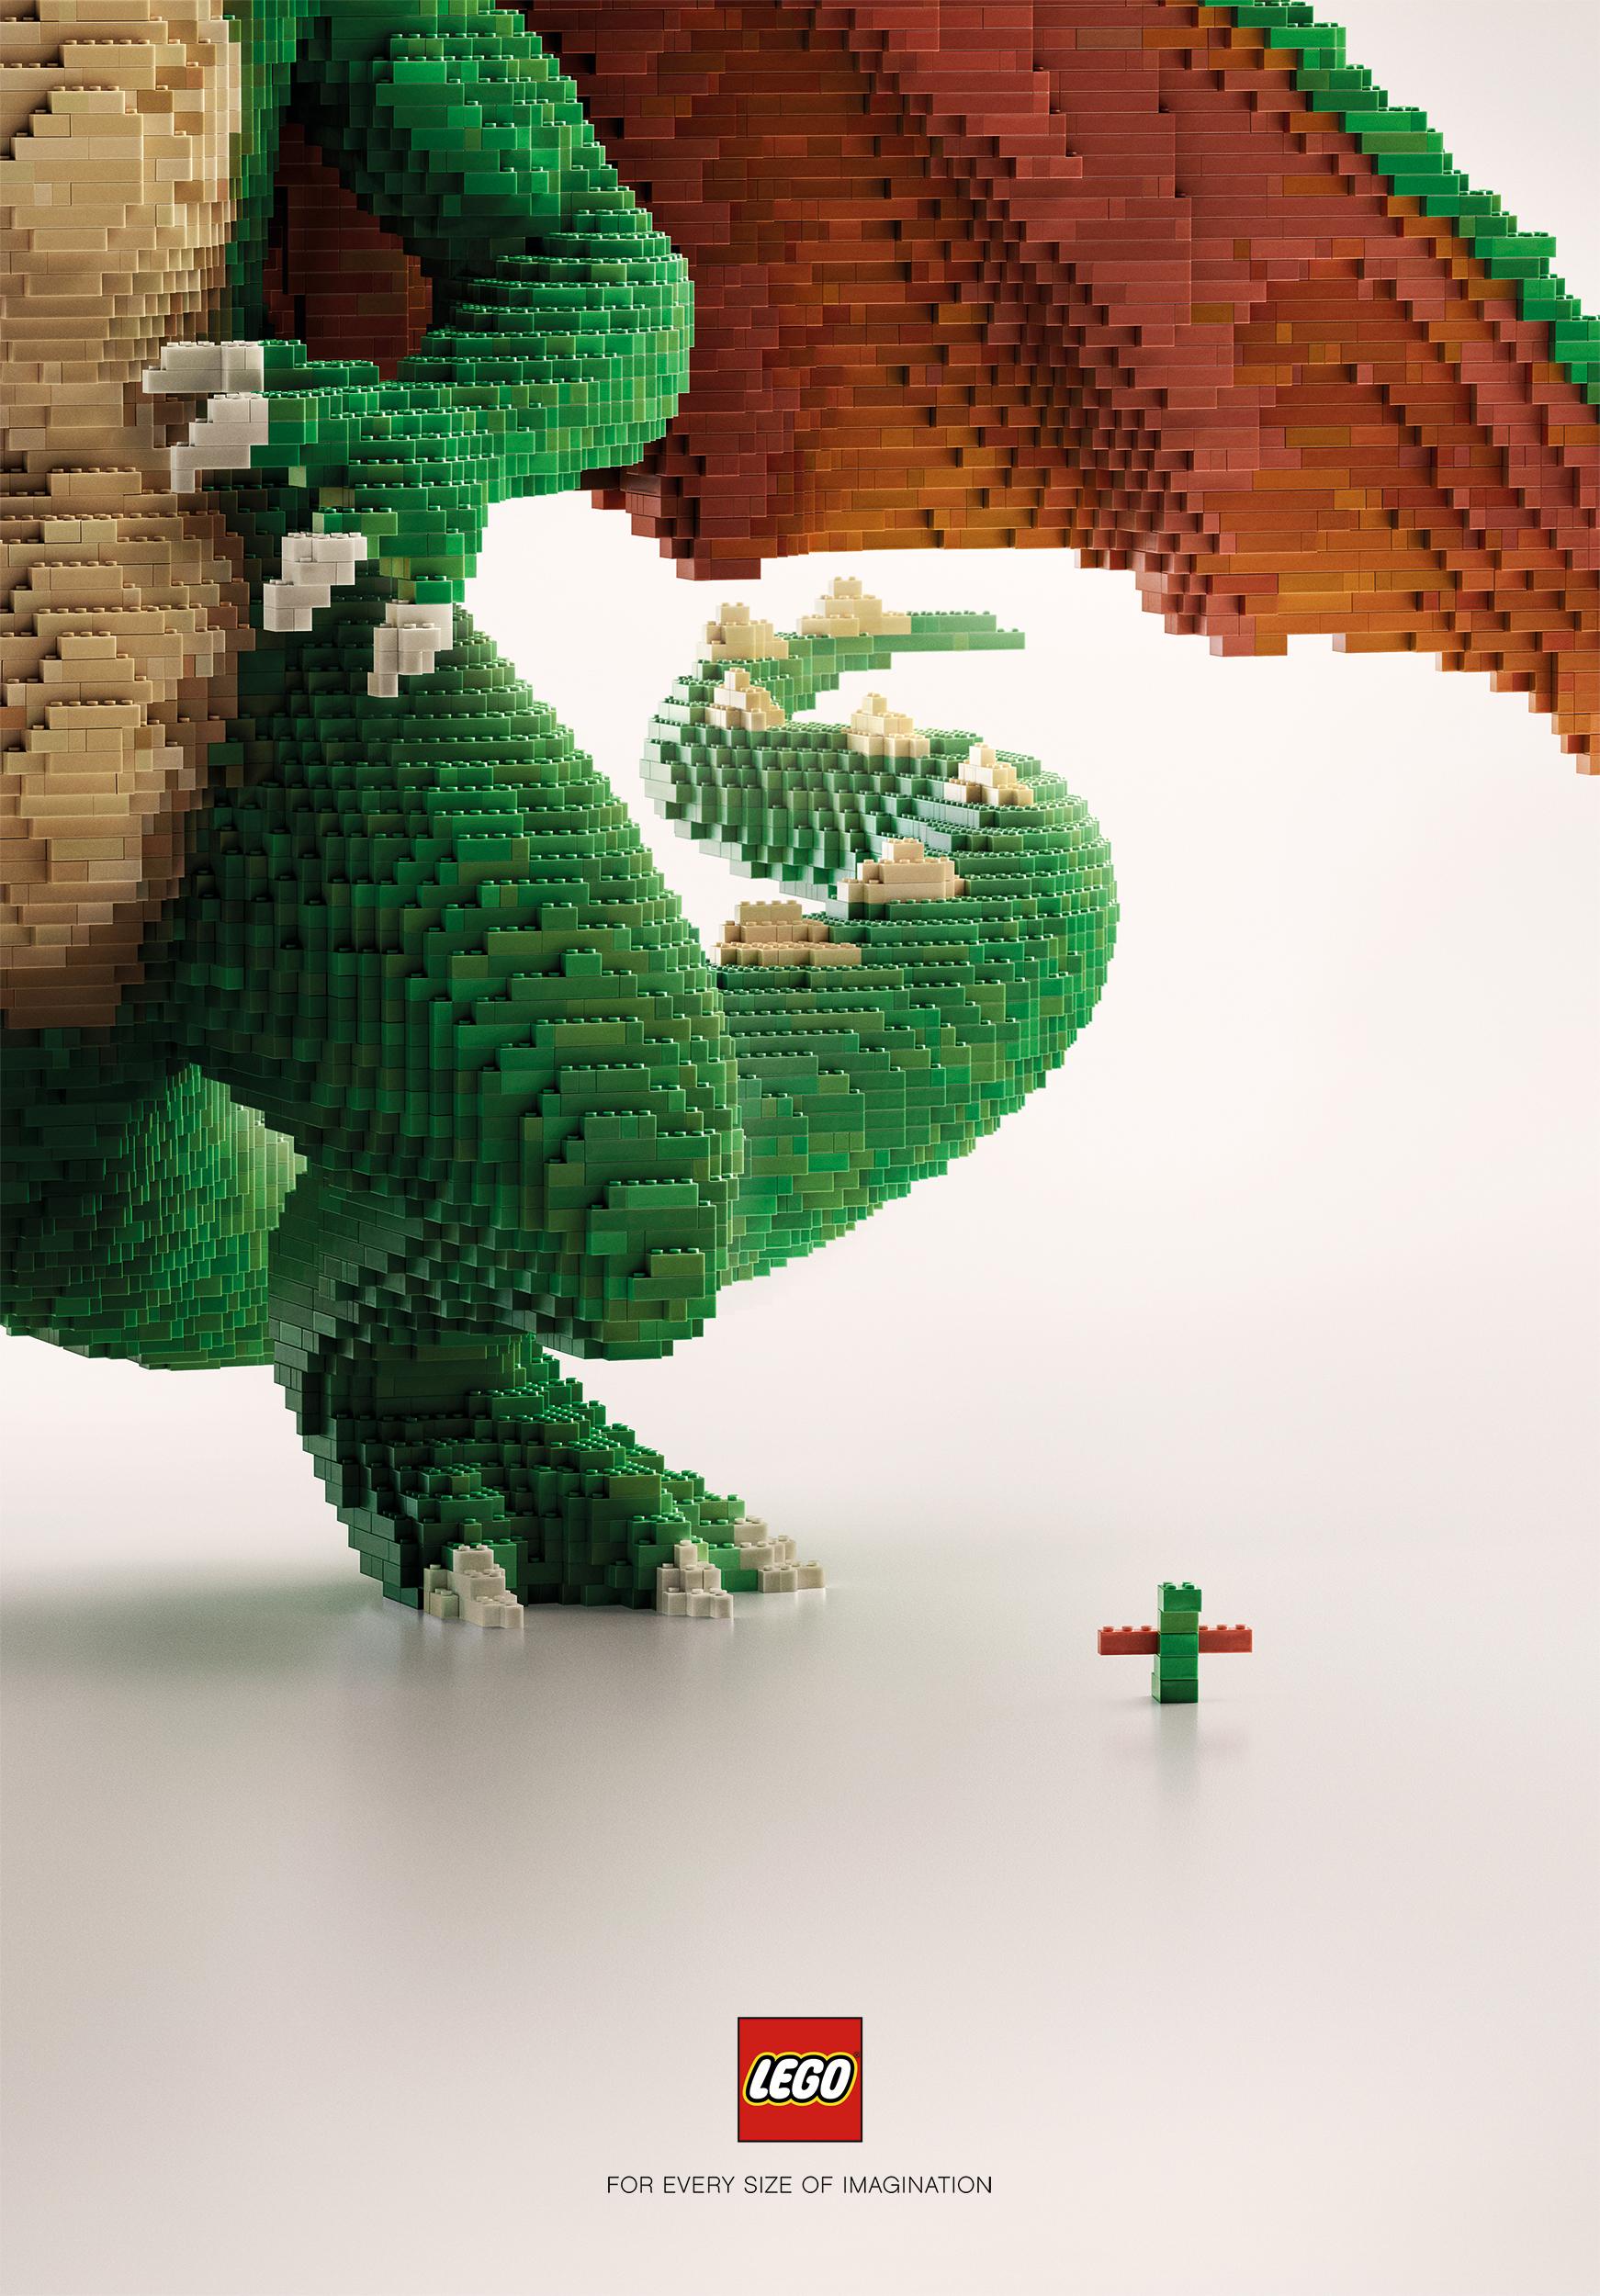 A_Lego_Dragons_12_AW_Srgb.jpg